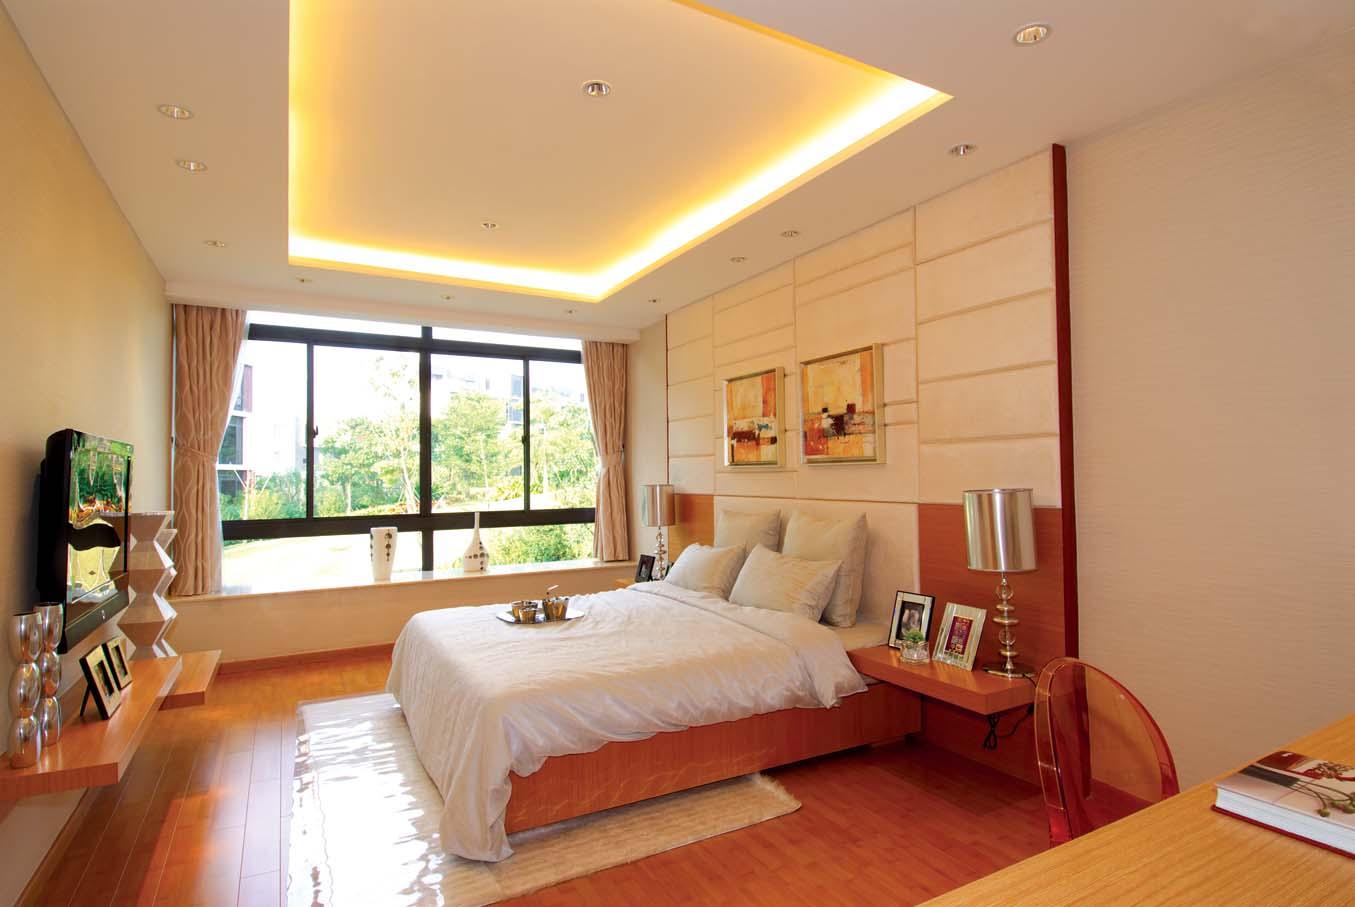 简约 别墅 白领 80后 小资 卧室图片来自广州九艺(三星)装饰设计在时代依云小镇龙小姐雅居的分享